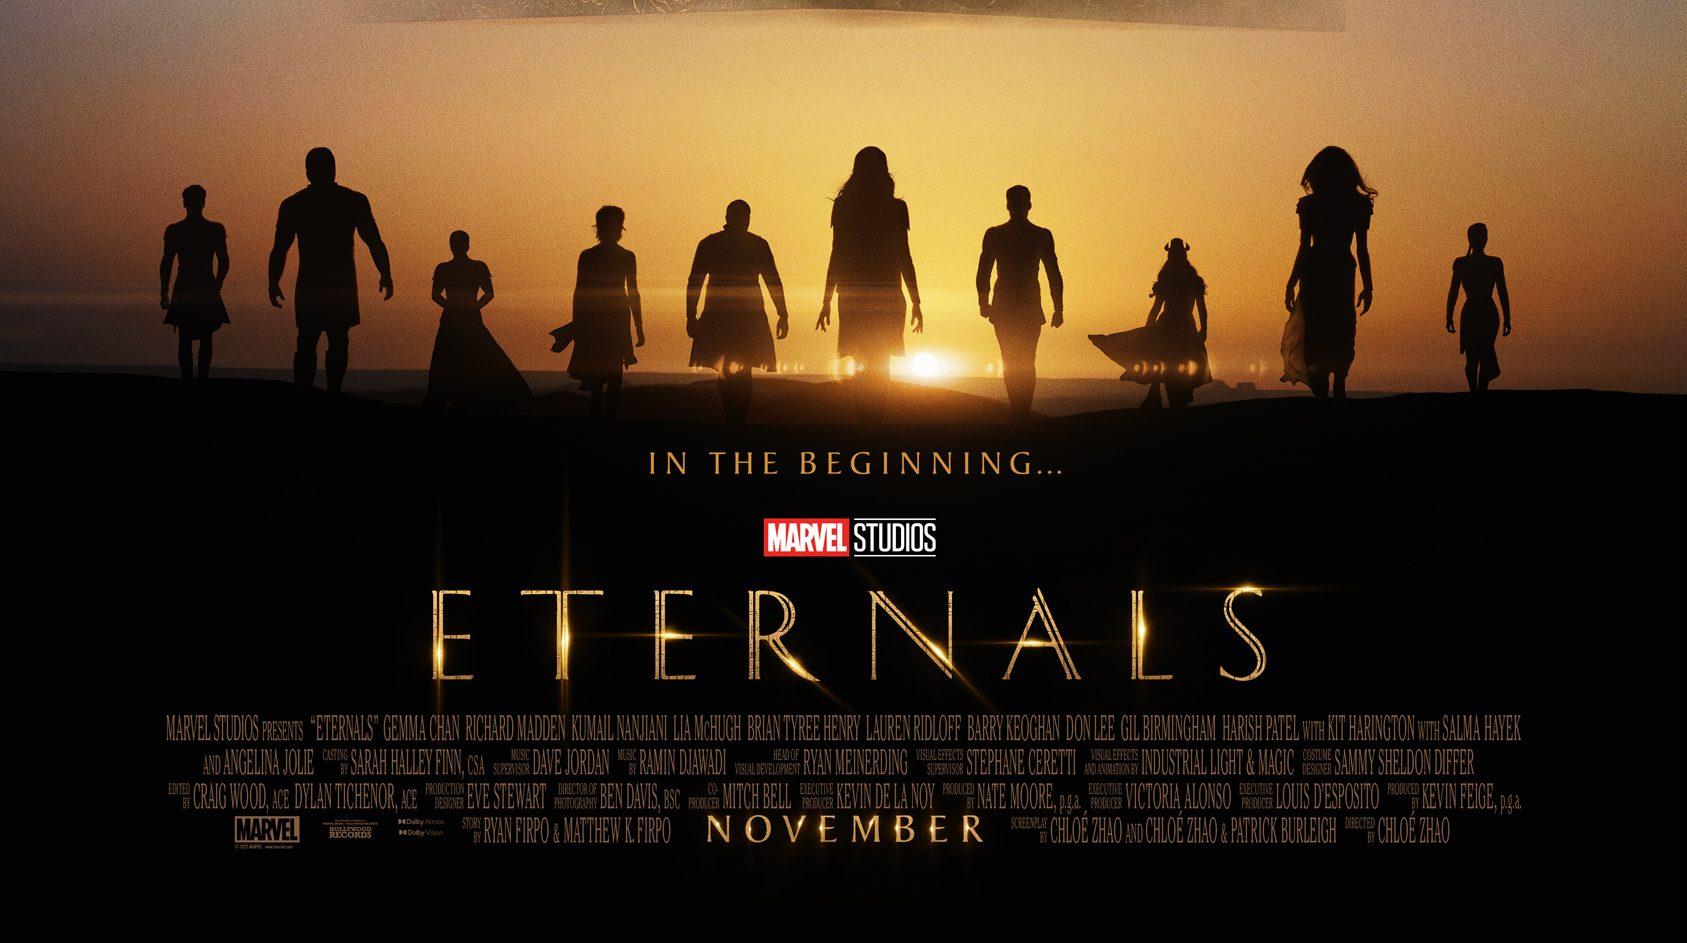 Eternals Teaser 1 Sheet v10 Lg e1622056944569